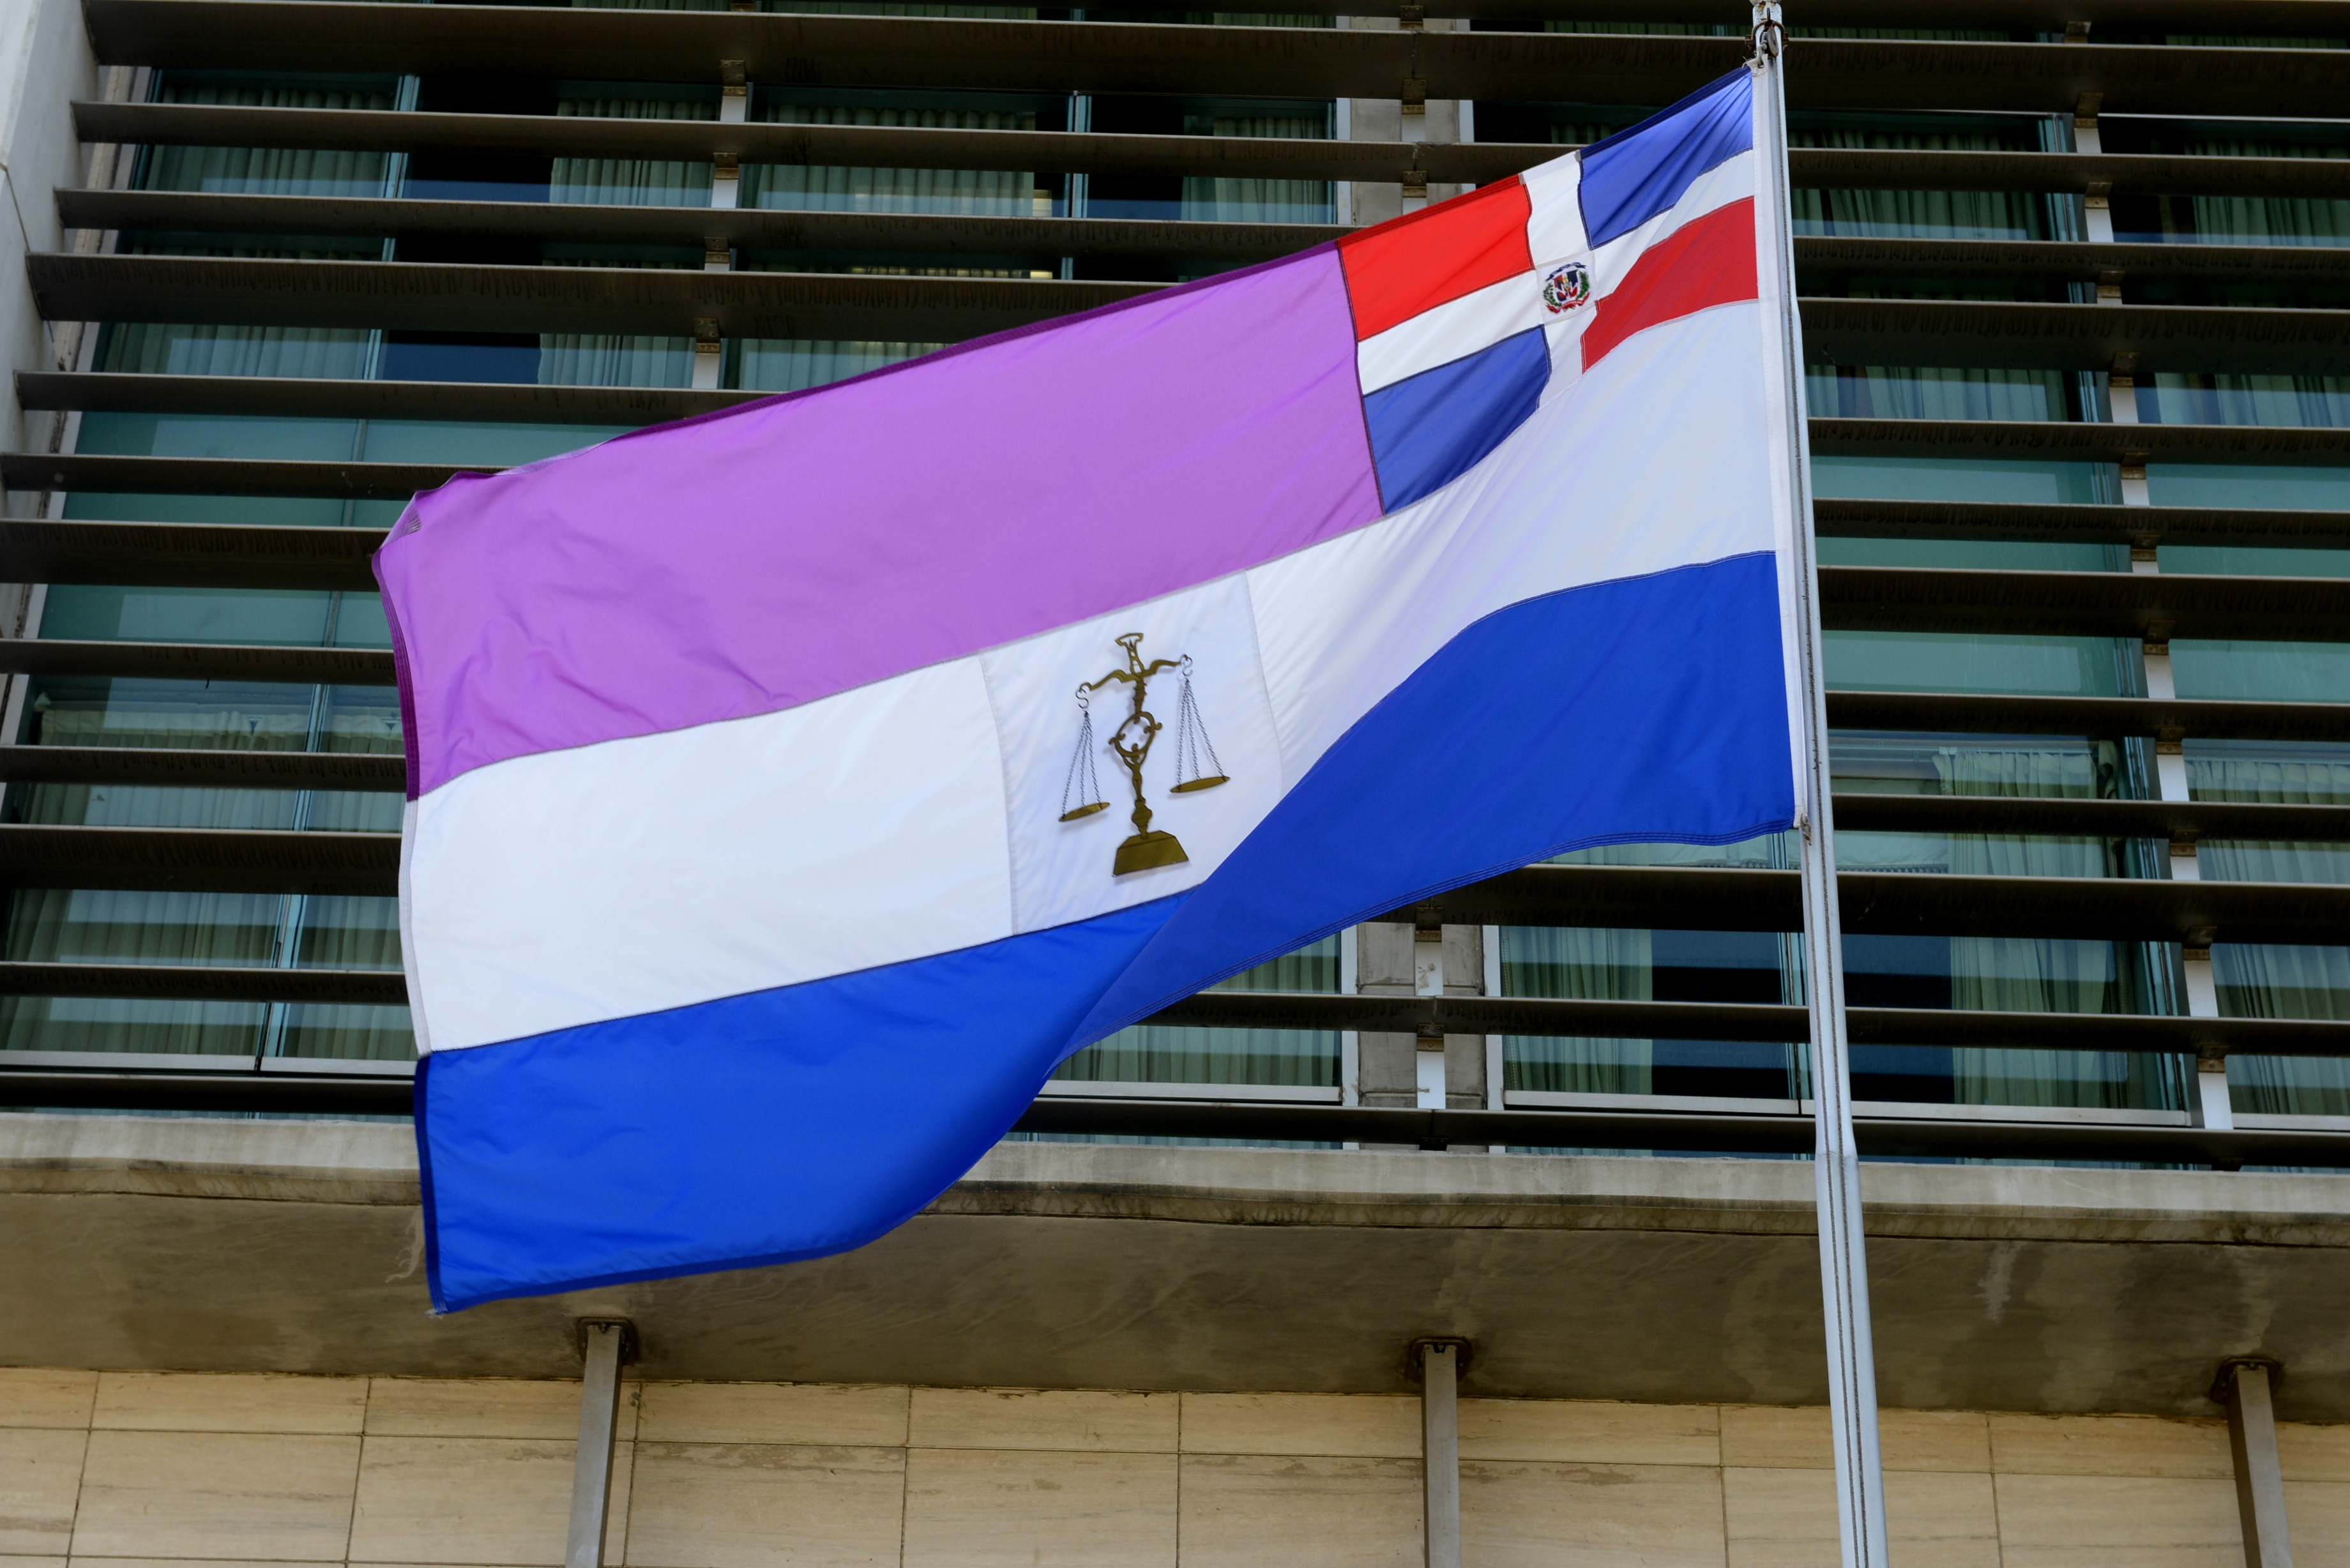 Pleno de la SCJ aprueba el ascenso de 37 jueces de distintas jurisdicciones del país